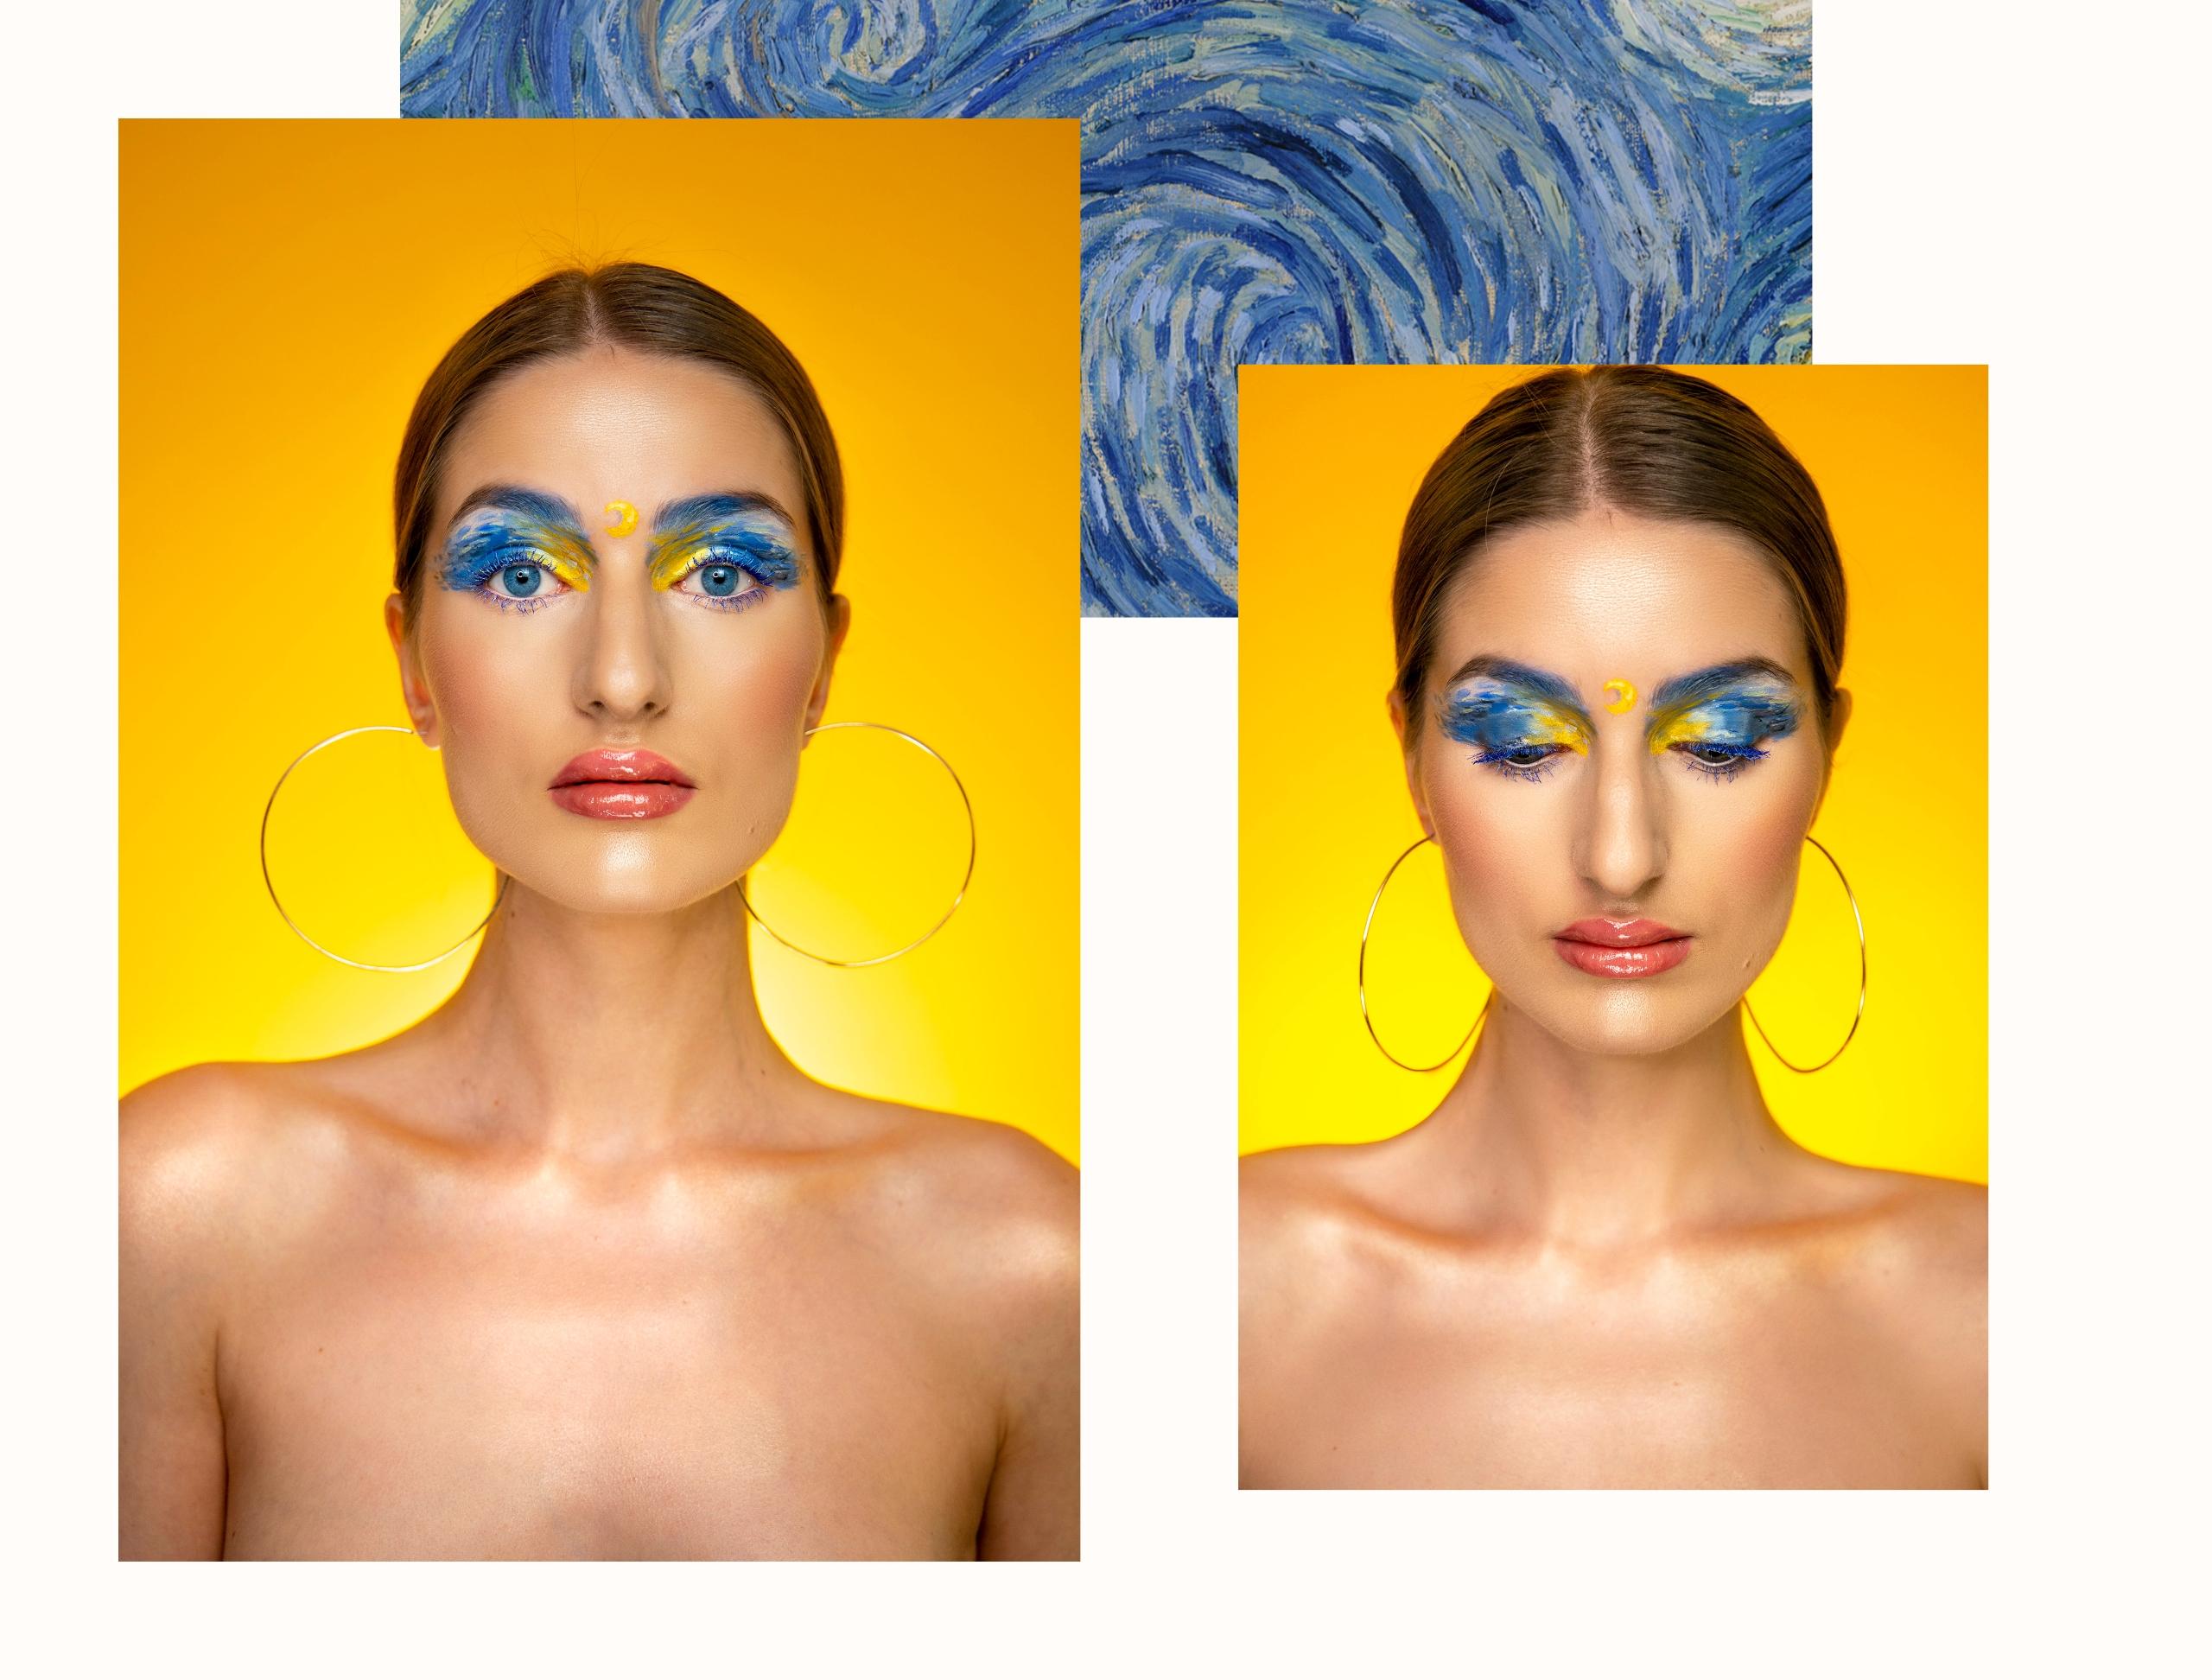 Obraz przedstawia dwie fotografie portretowe umieszczone na białym tle z niebieskimi elementami. Zdjęcia przedstawiają portret kobiety.